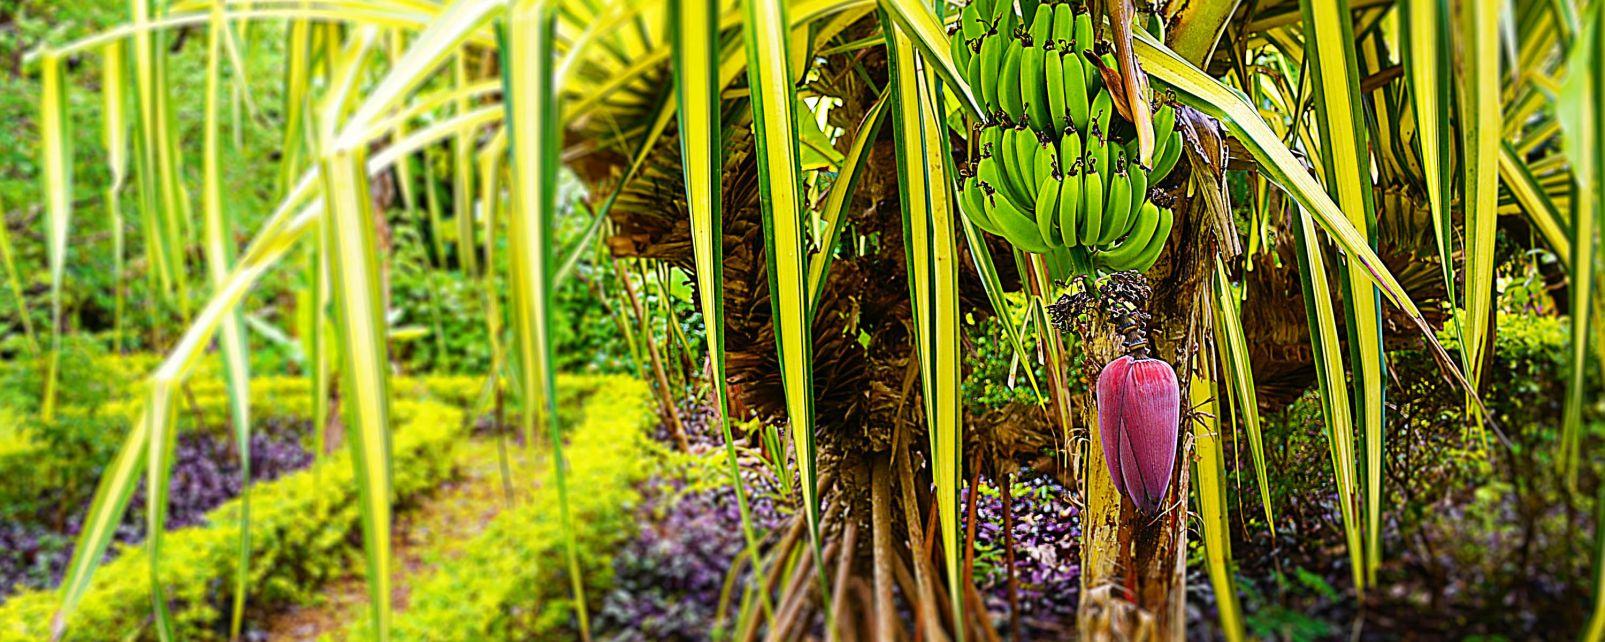 La faune et la flore, ile, cook, pacifique, végétation, flore, jardin, botanique, bananier, fruit